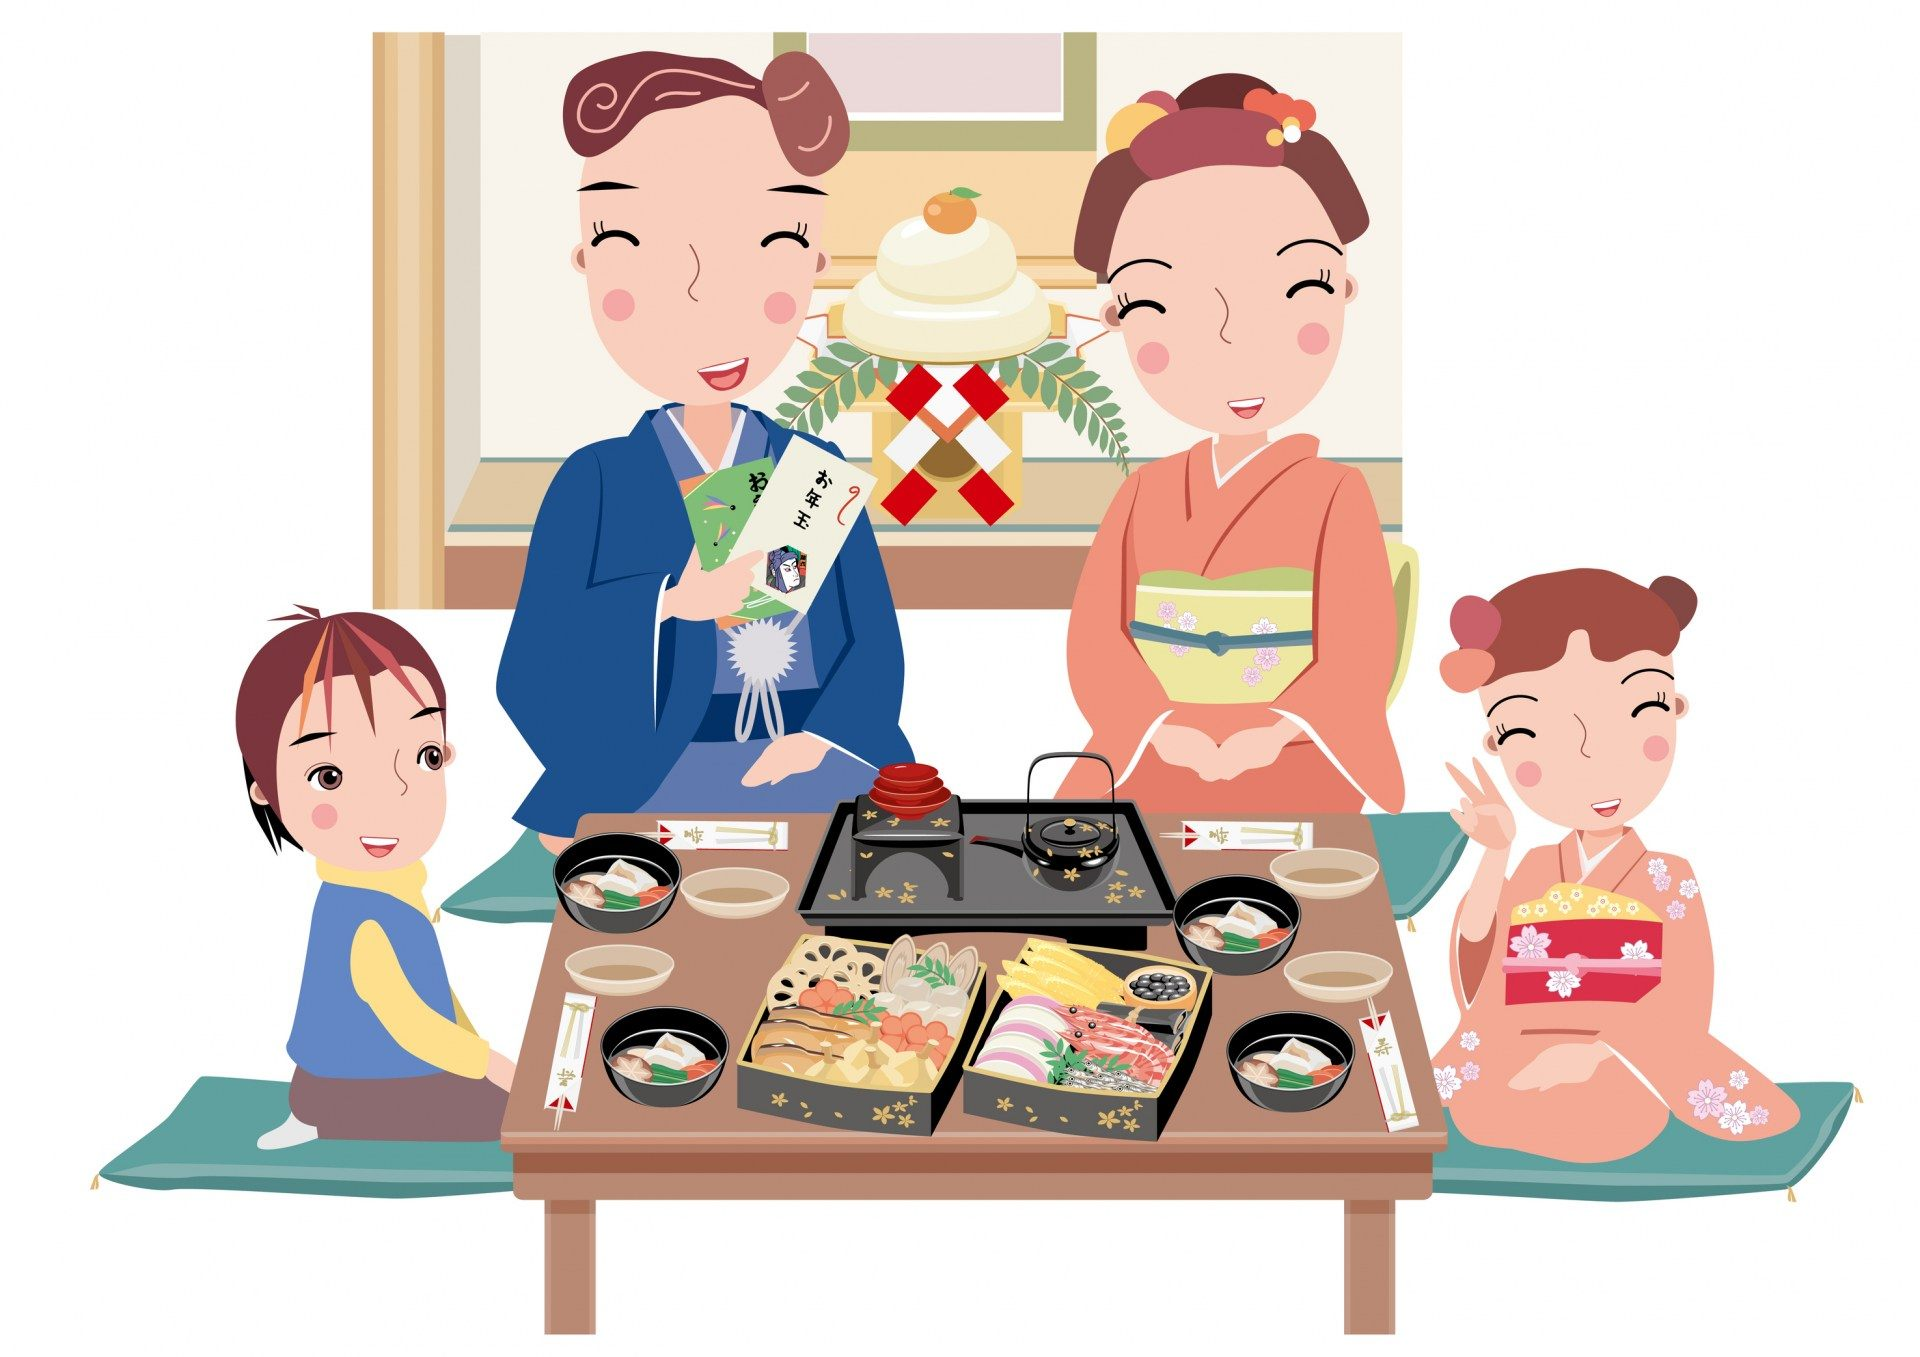 在日本,一家人會圍在桌爐旁邊一同享受的正月料理,御節料理